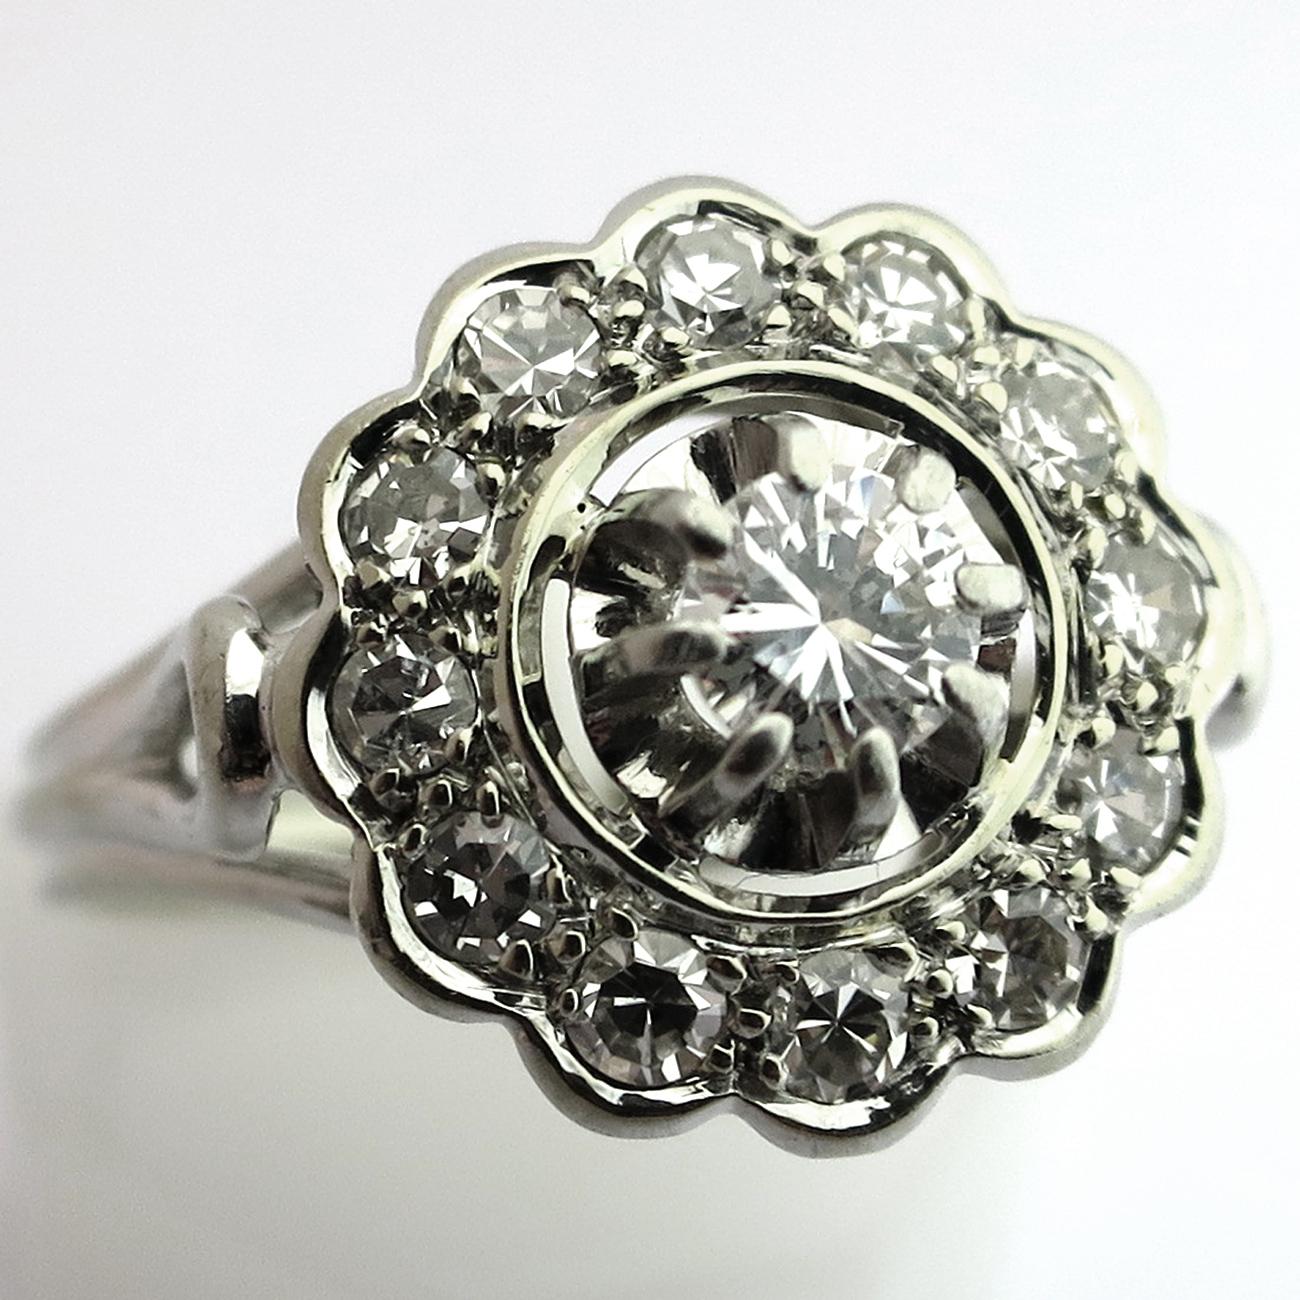 bijoux anciens occasion bague diamants ancienne forme fleur 1528 bijoux anciens paris or. Black Bedroom Furniture Sets. Home Design Ideas